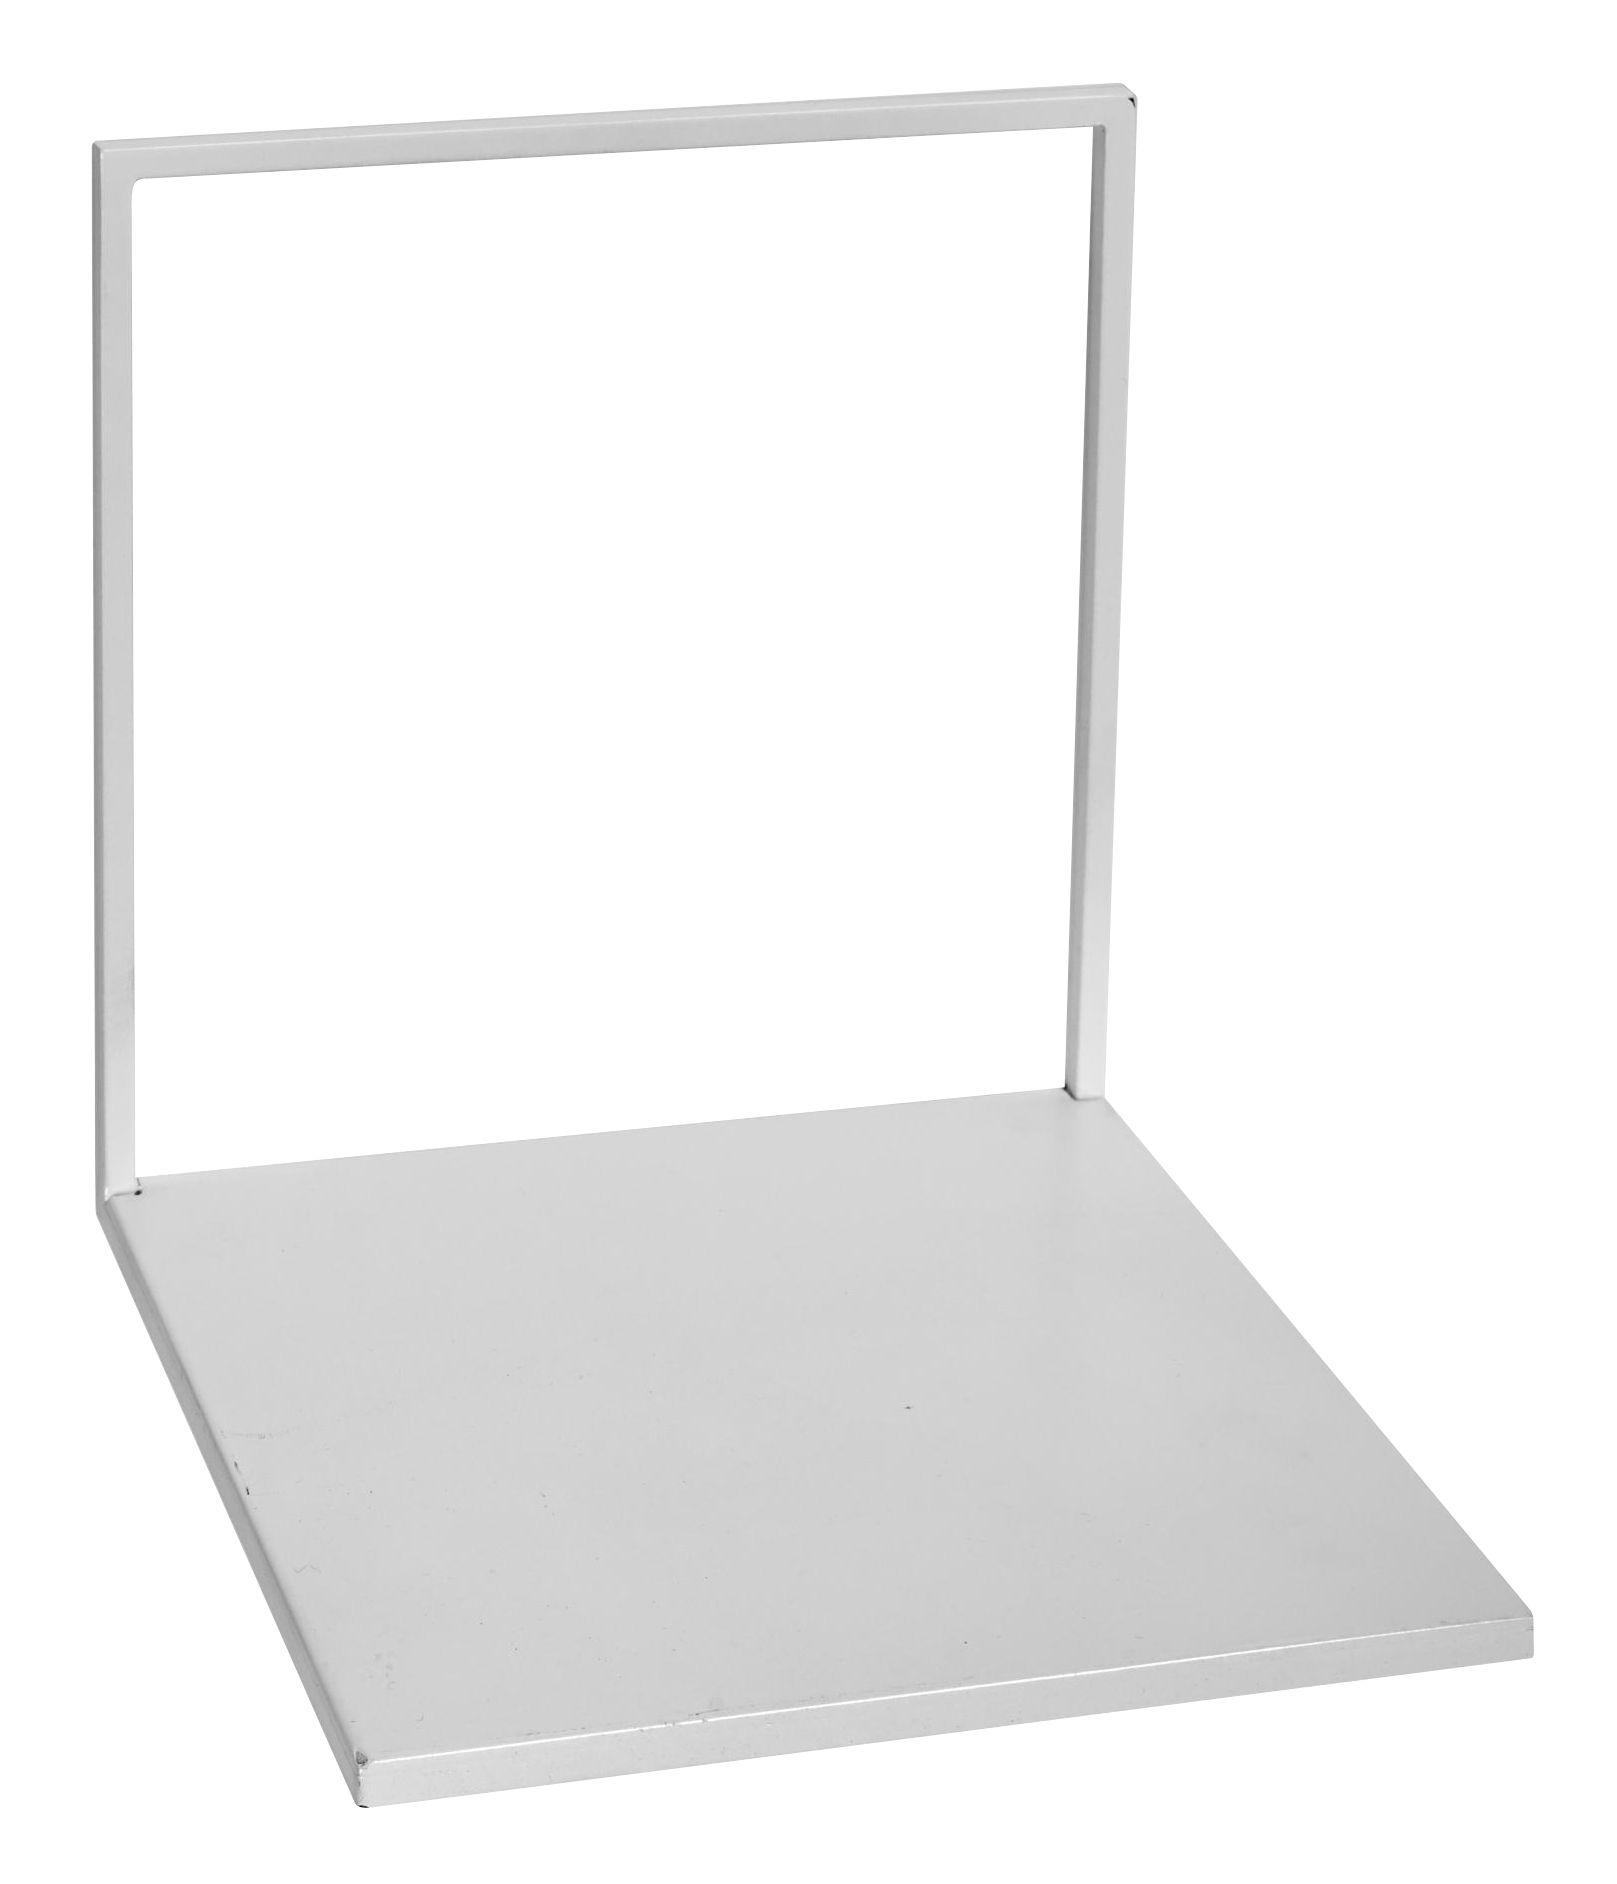 Mobilier - Etagères & bibliothèques - Etagère Large / L 20 cm - Métal - Serax - Blanc - Métal laqué